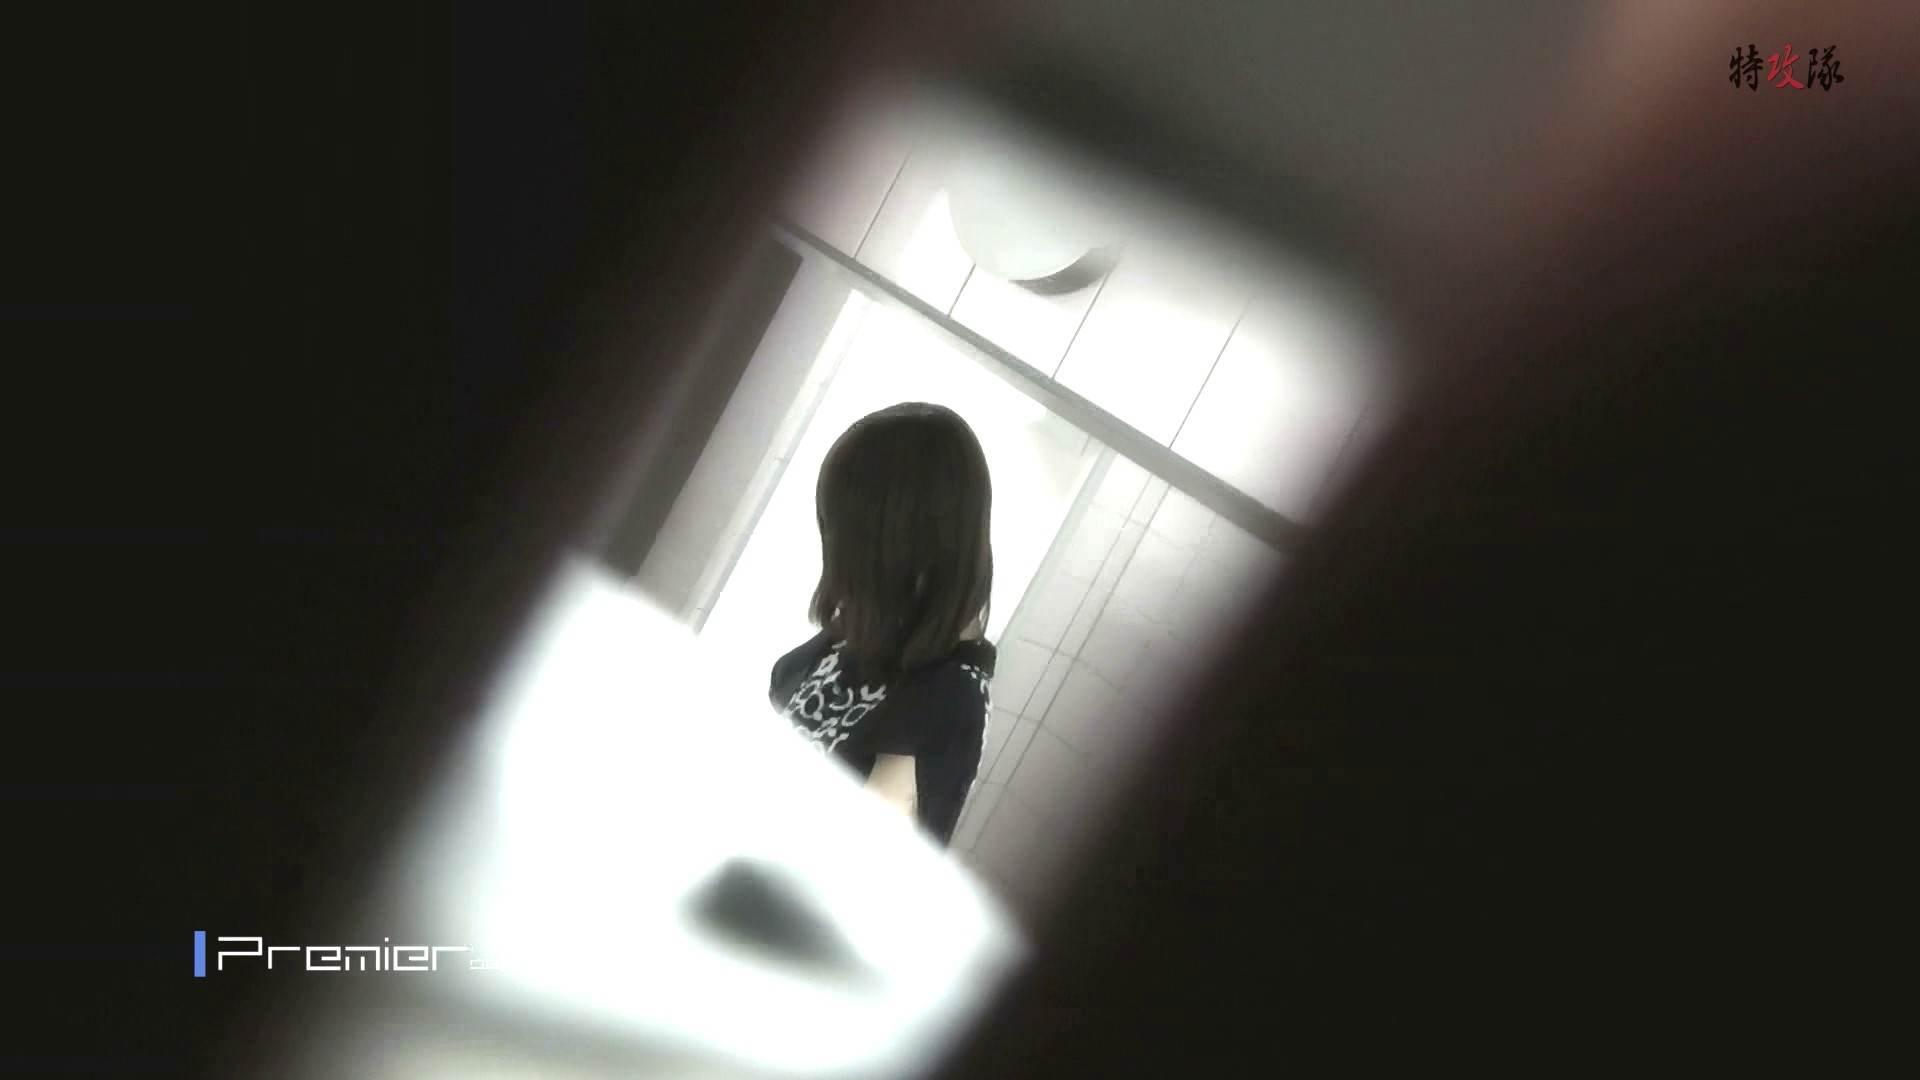 幻14 清楚系女子下半身はジャングル!!撮り師泣かせの密林 トイレ盗撮 トイレのぞき ぱこり動画紹介 48画像 19